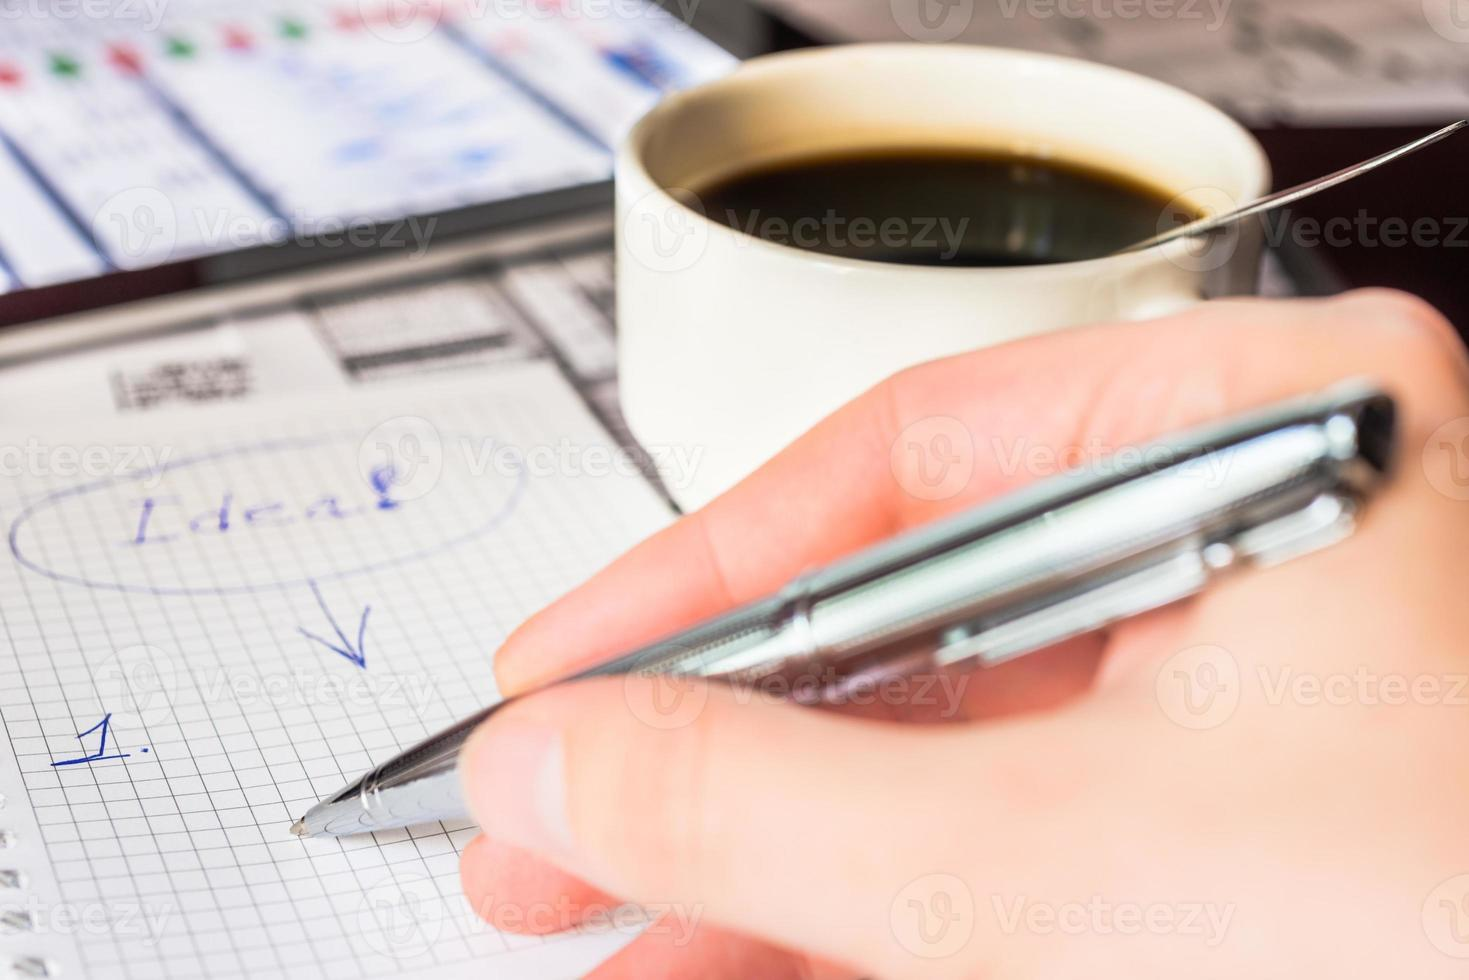 de nouvelles idées dans l'entreprise, en les écrivant toutes photo